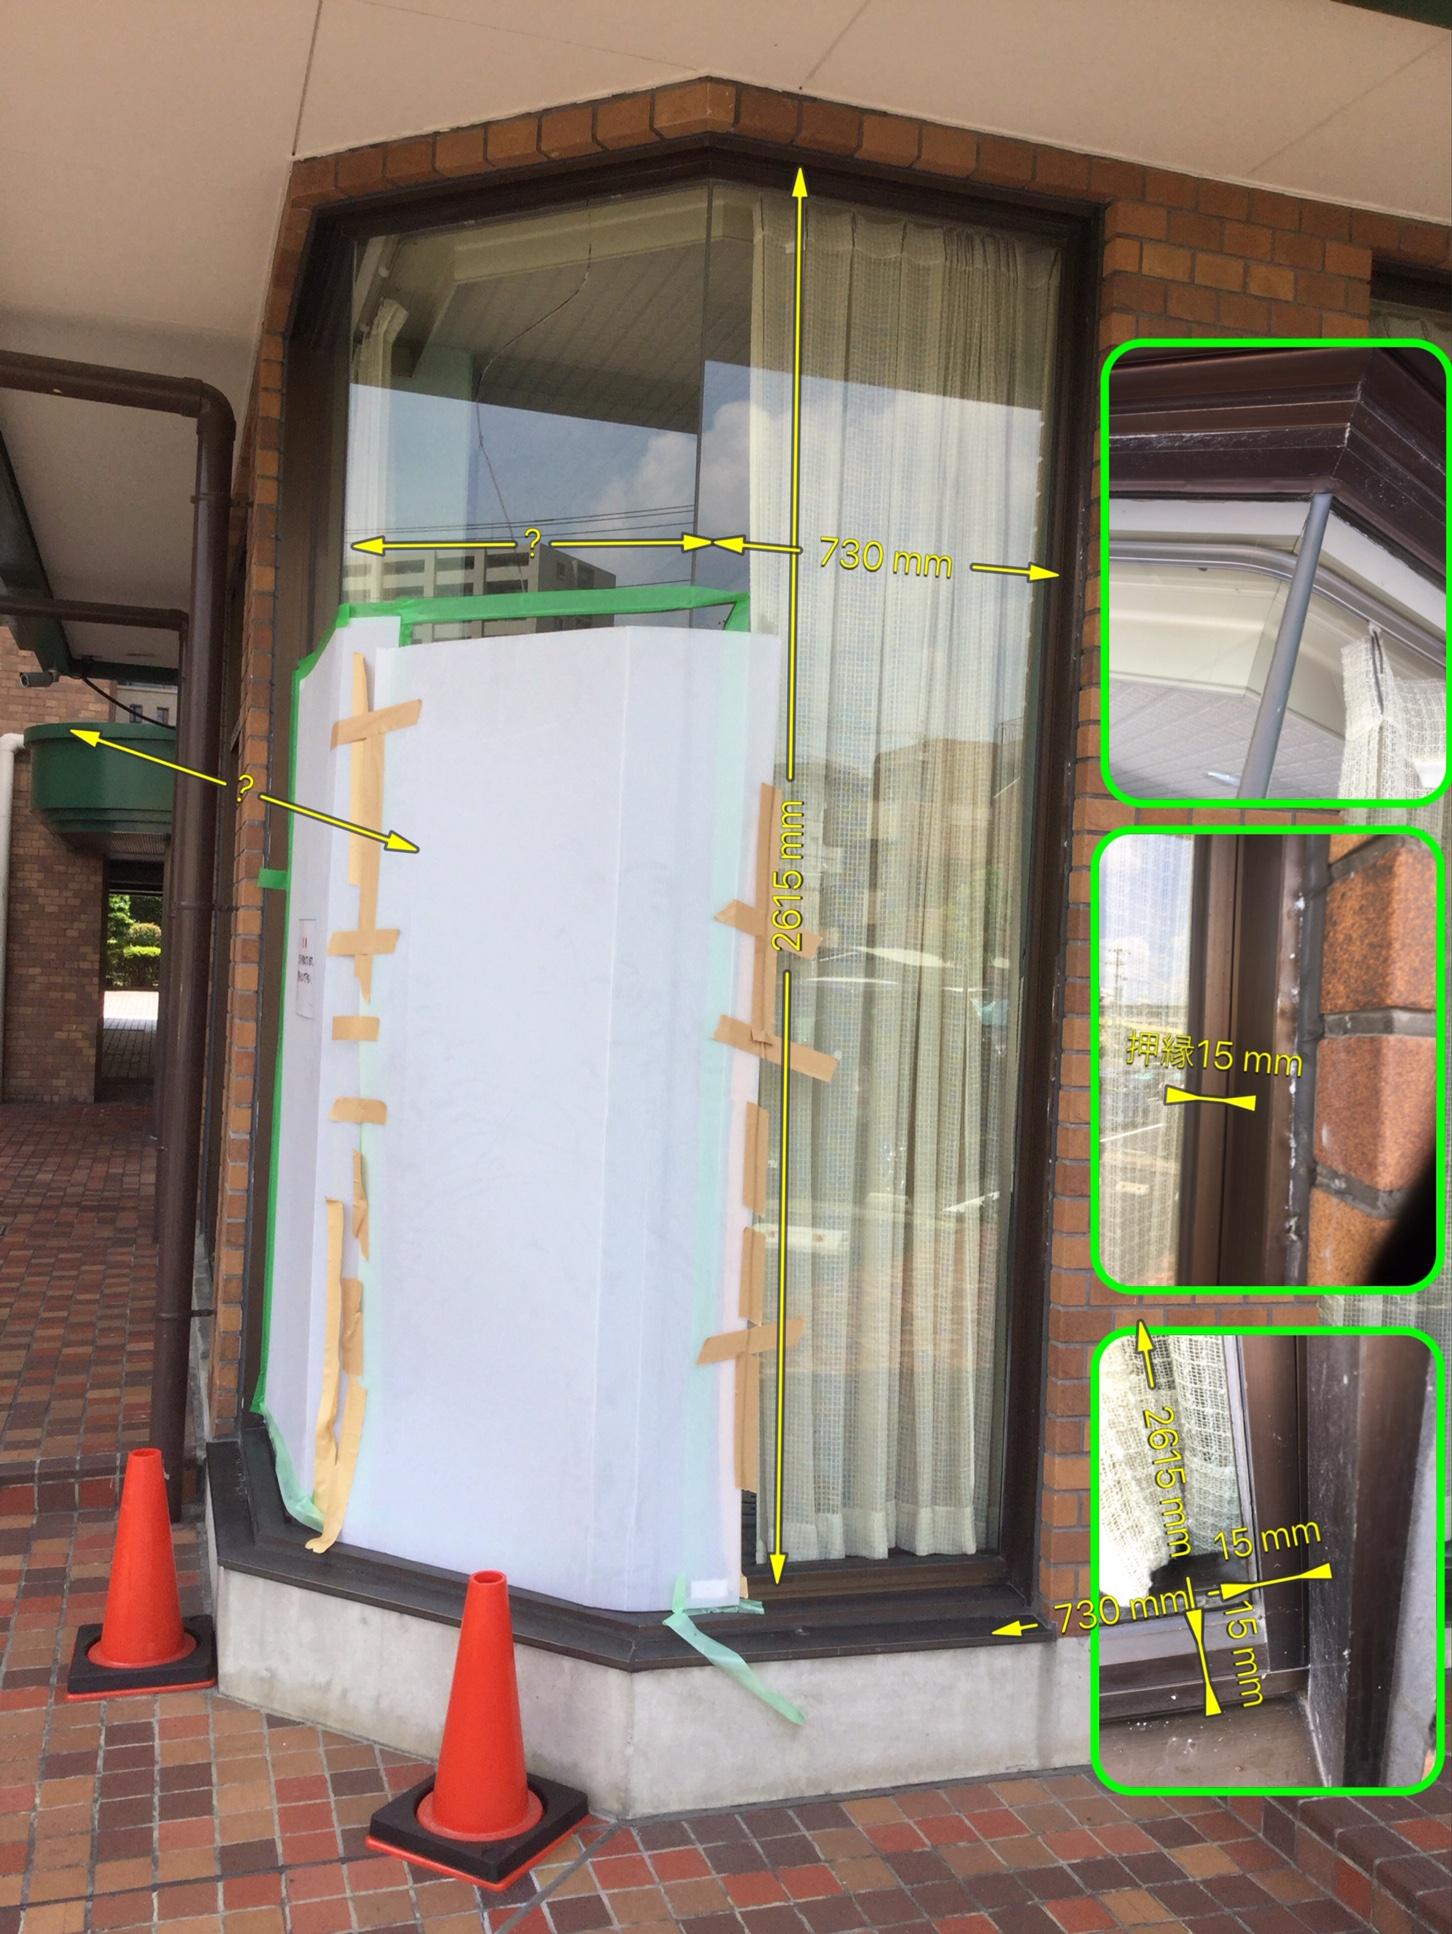 愛知県名古屋市千種区のマンションにて、集会場ガラス取替工事を行いました。【窓香房】